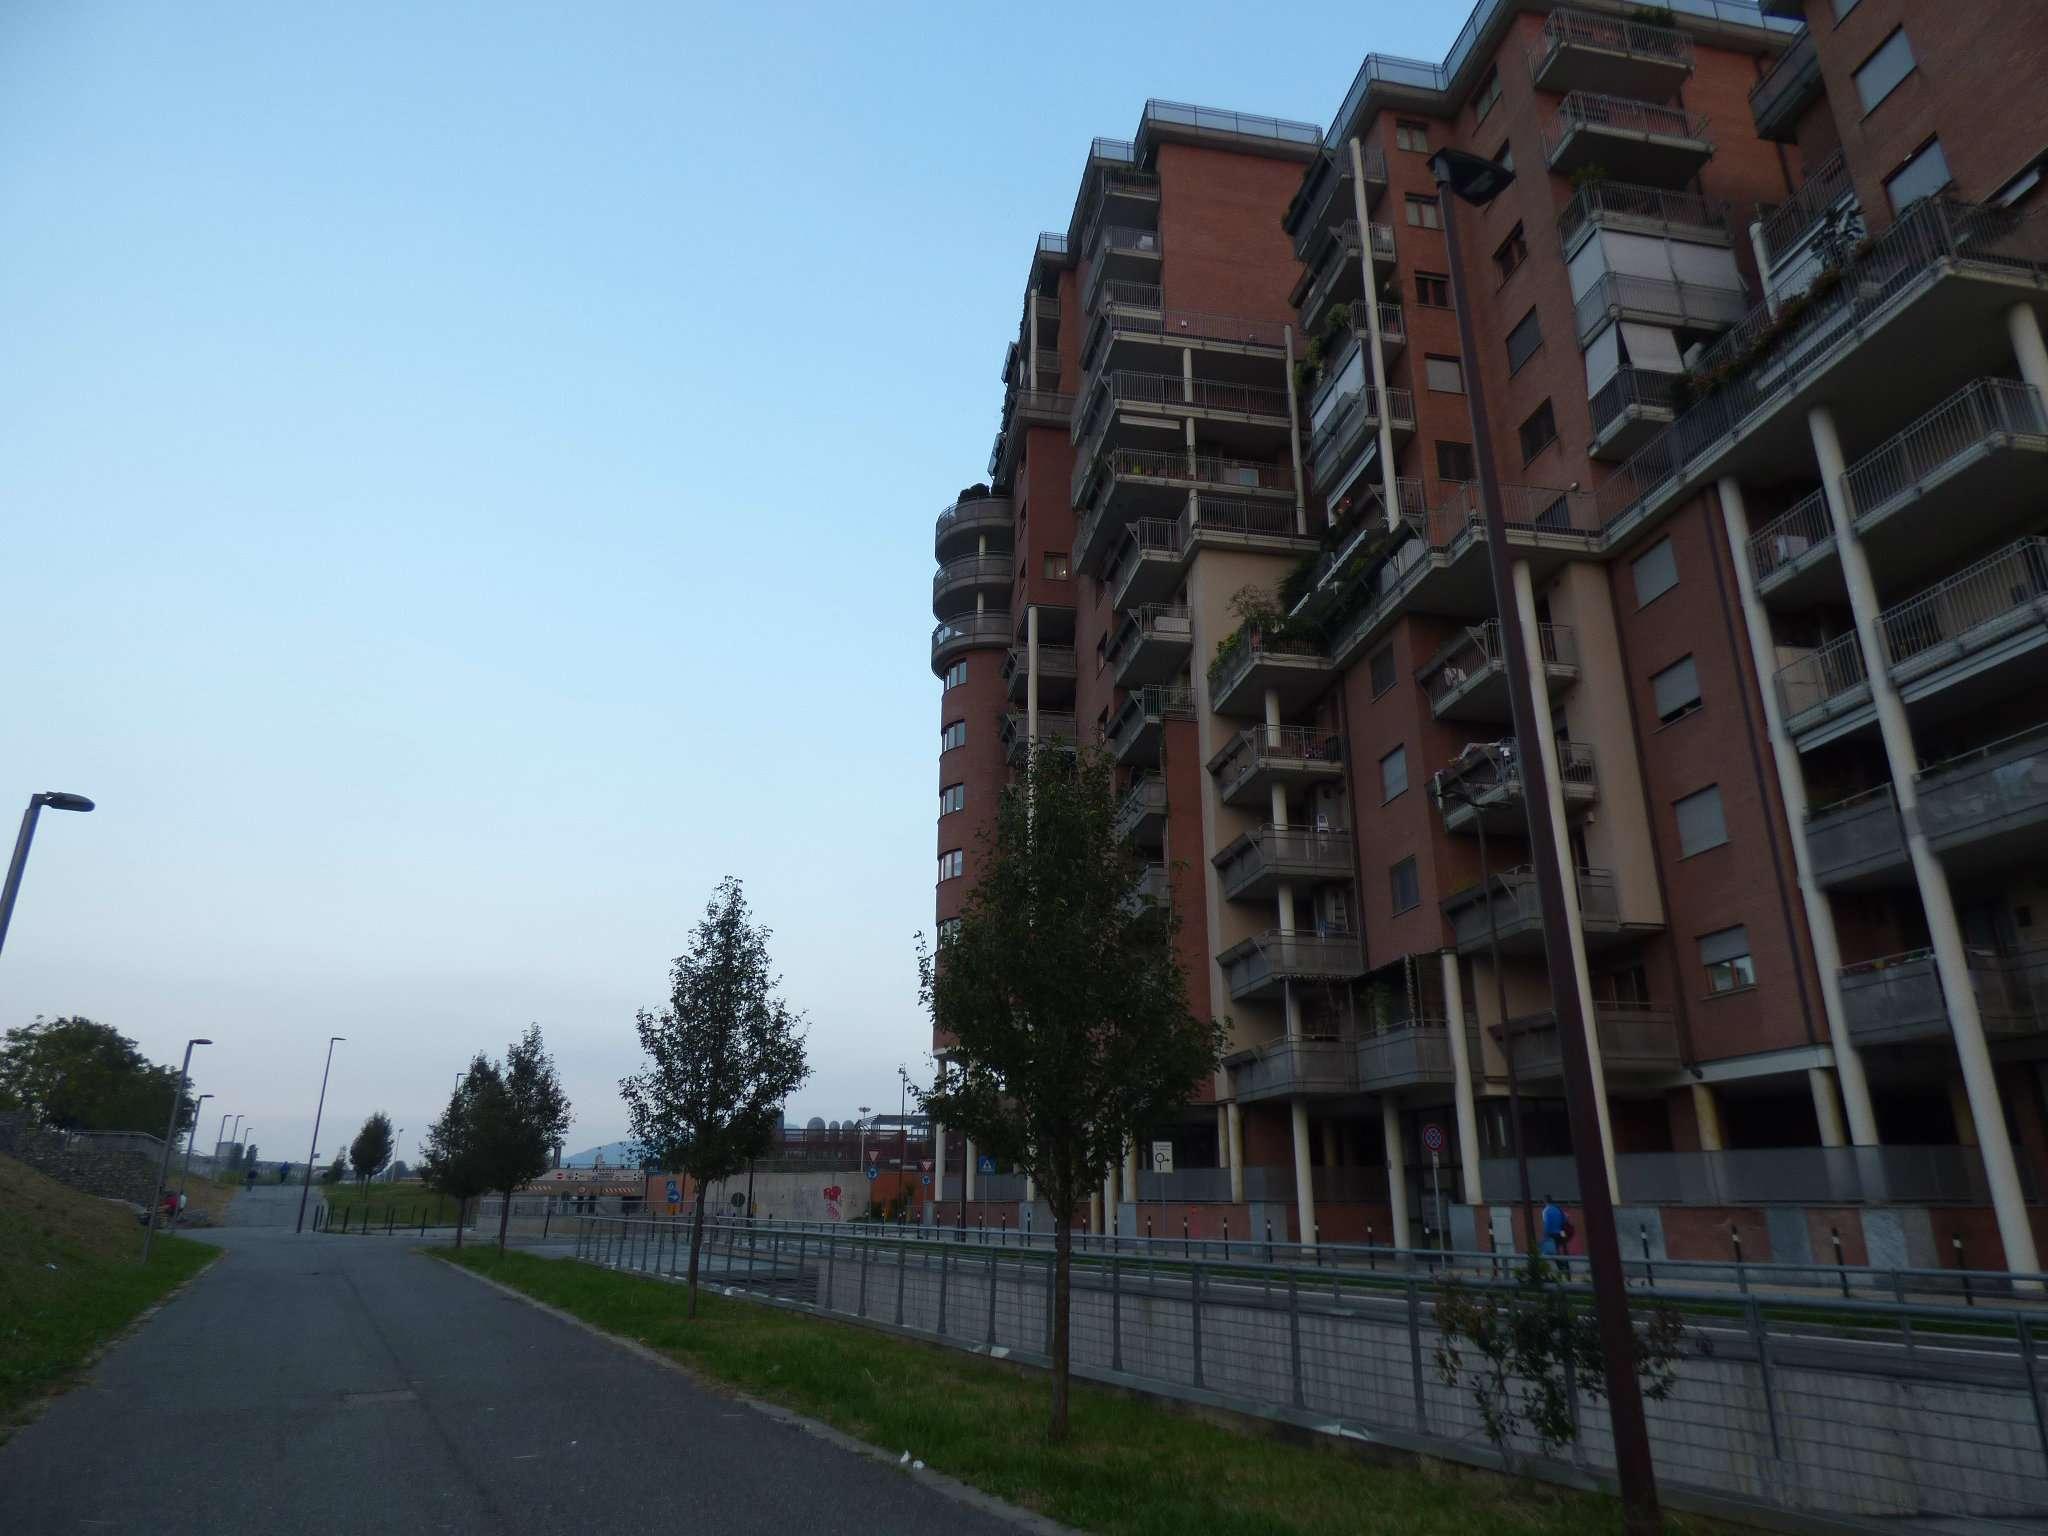 Appartamento in vendita Zona Cit Turin, San Donato, Campidoglio - via Daubree 8 Torino